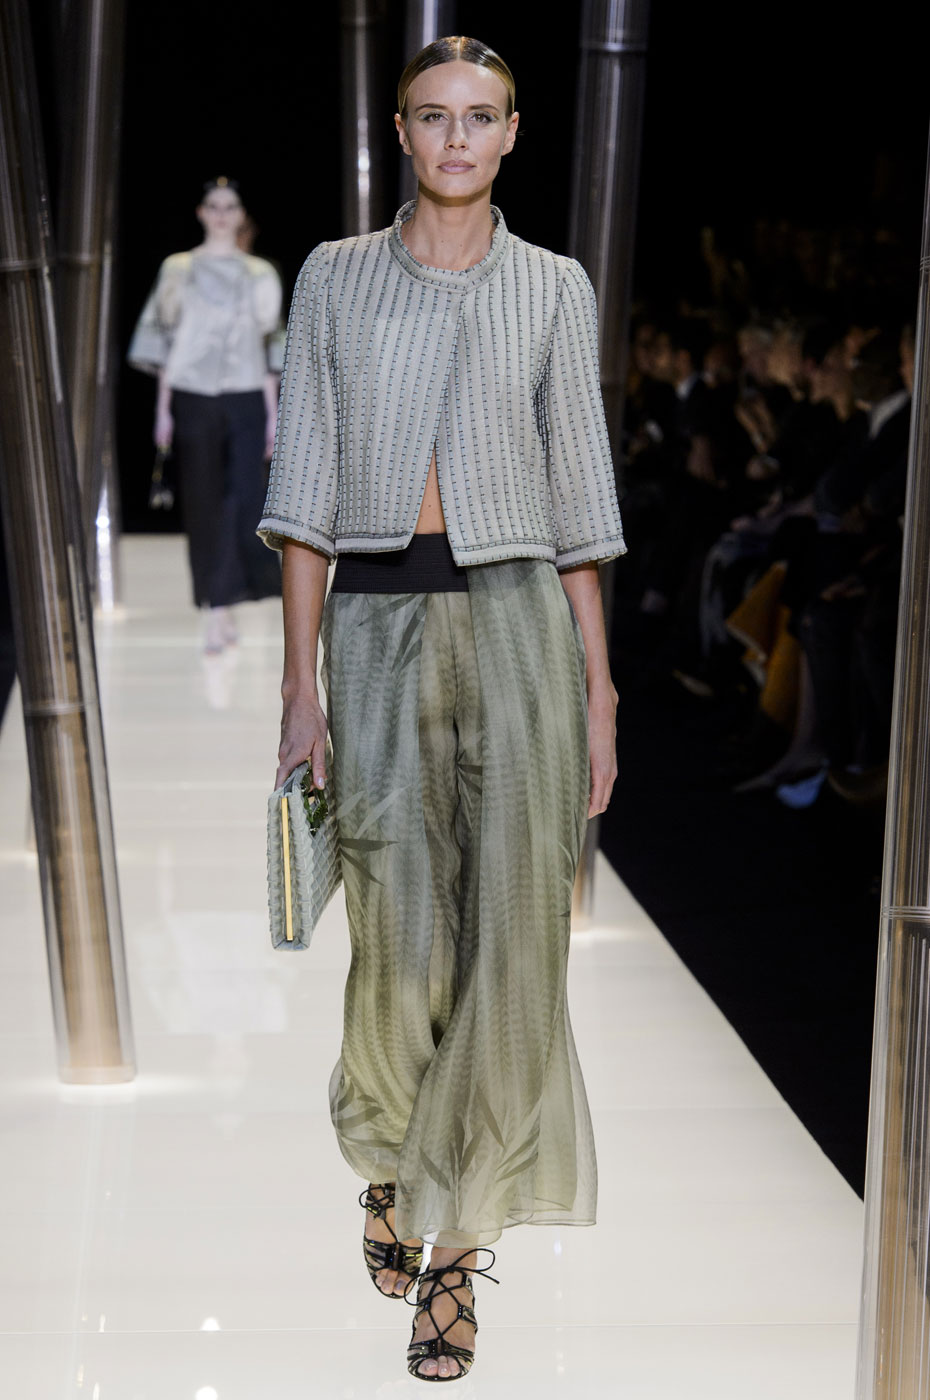 Giorgio-armani-Prive-fashion-runway-show-haute-couture-paris-spring-2015-the-impression-031